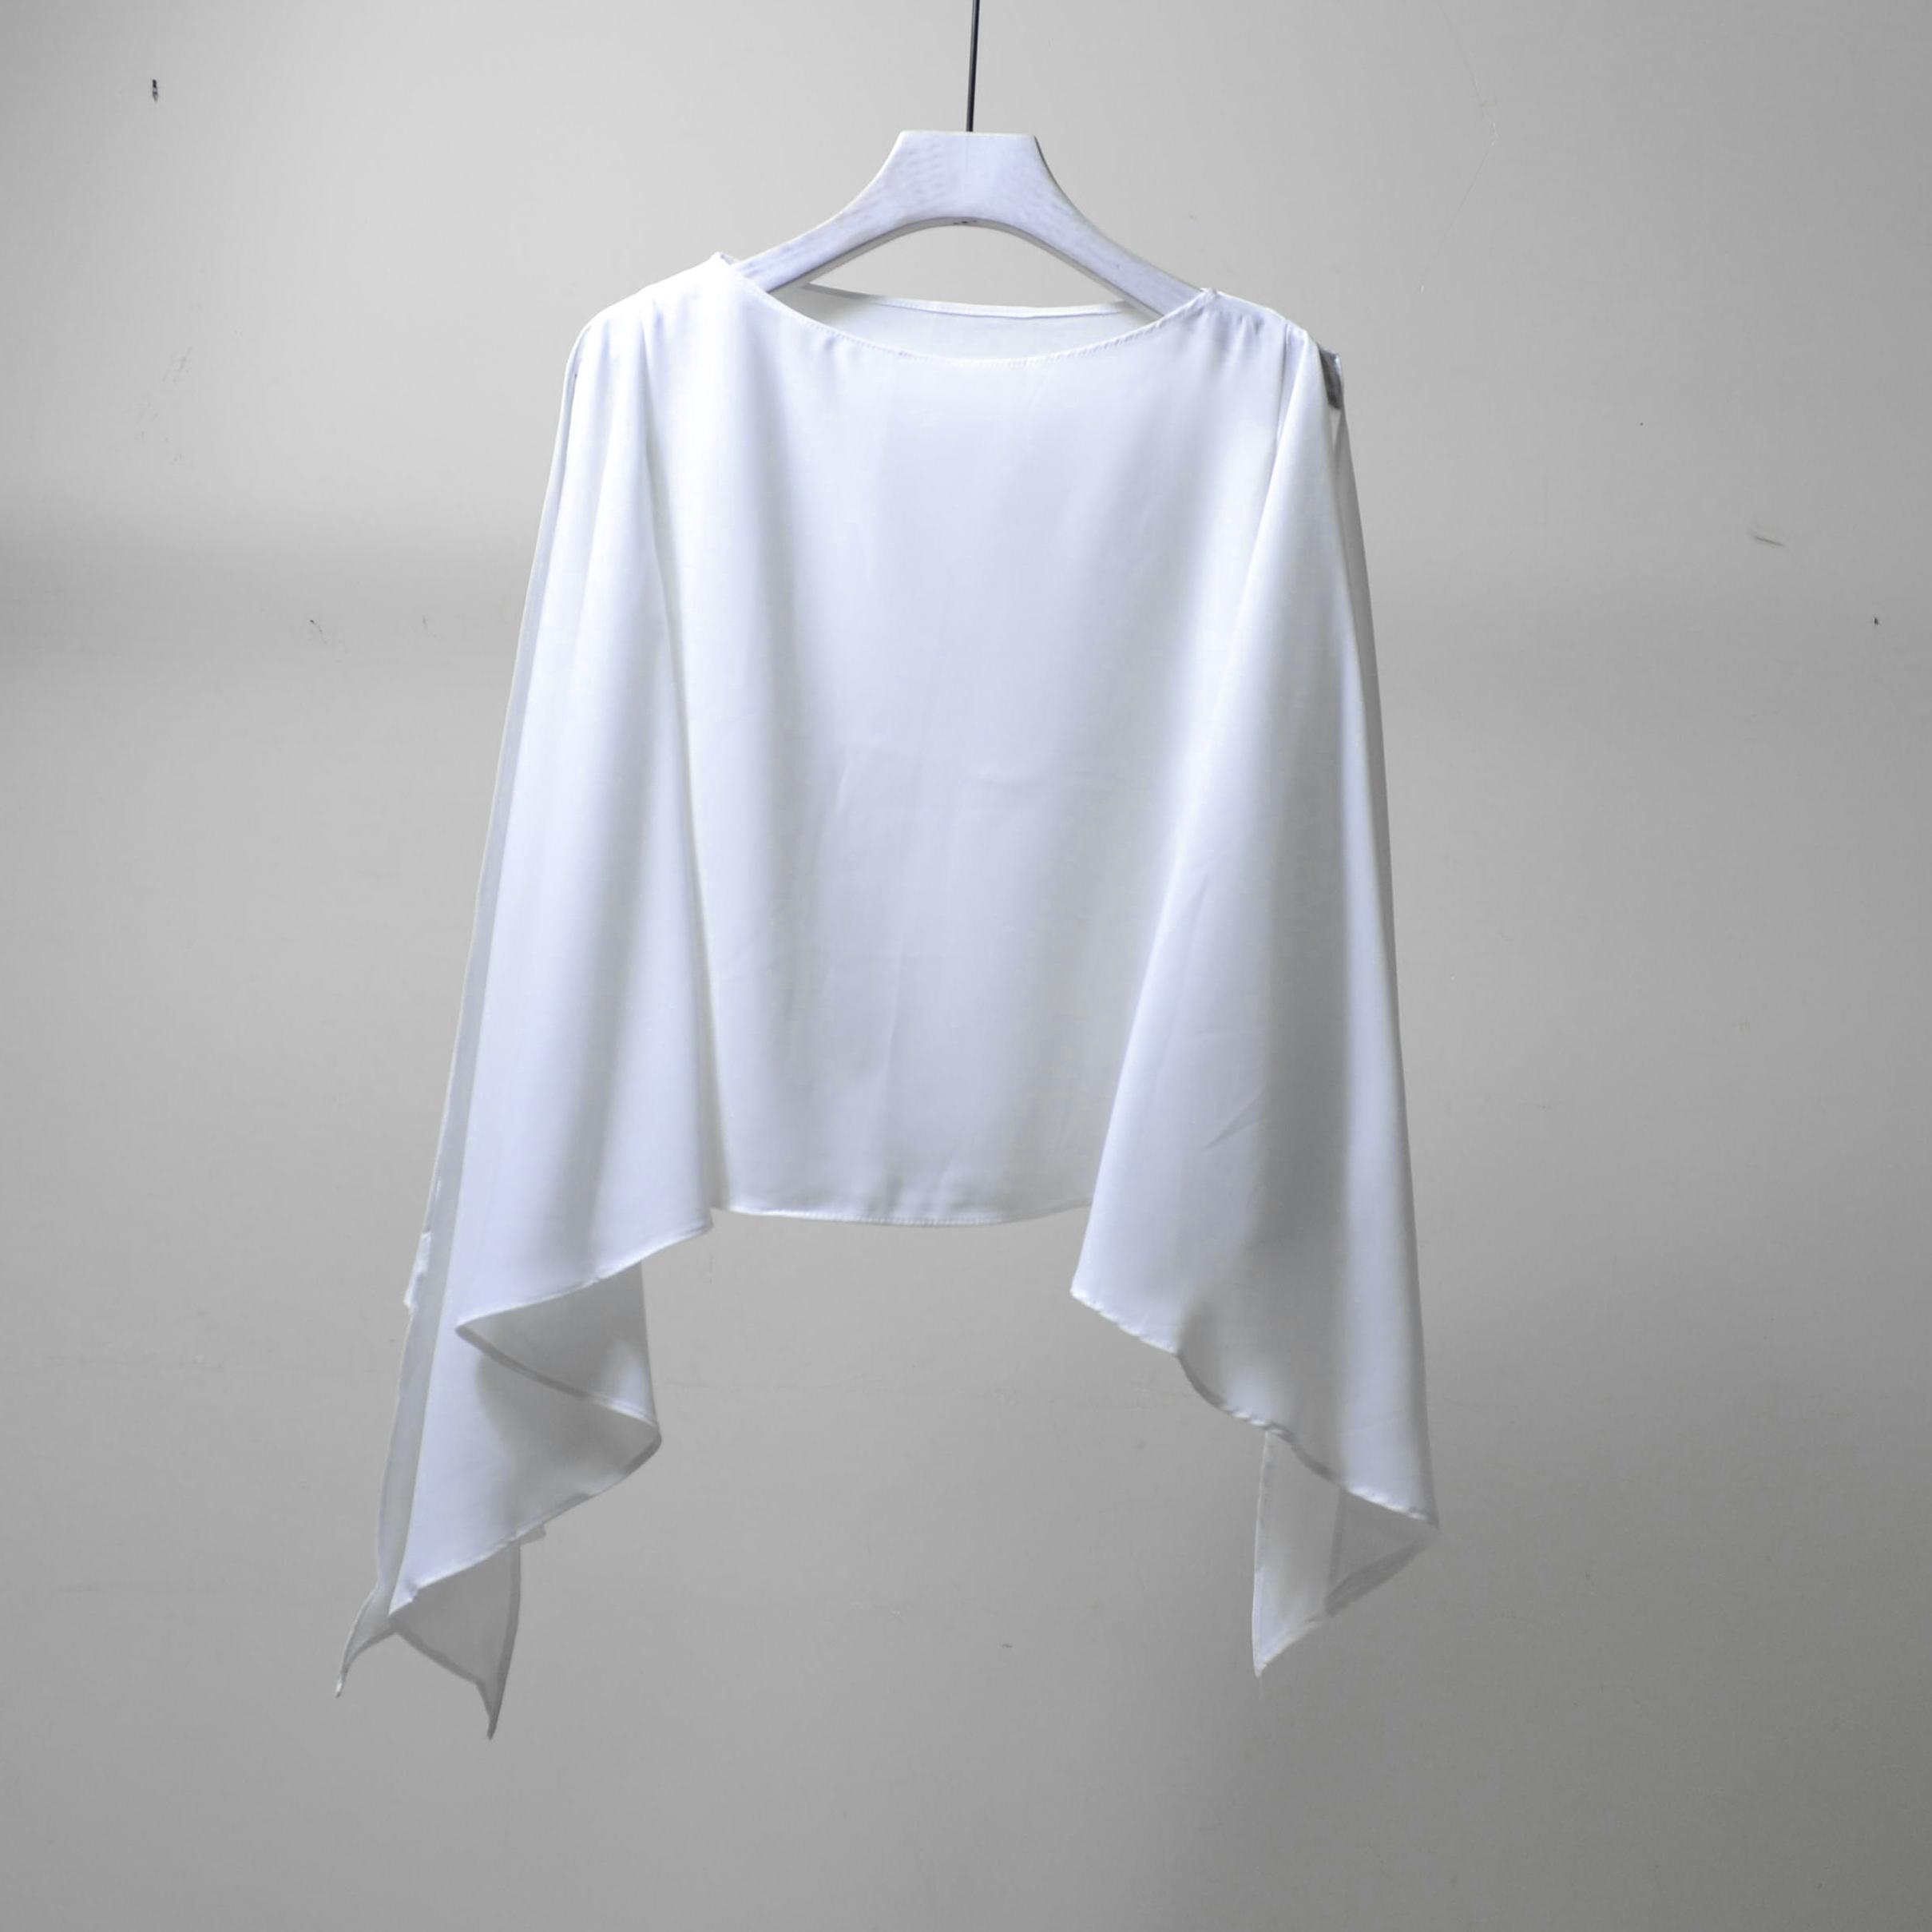 记◆系列商场撤柜专柜品牌折扣店剪标断码正品女装夏季新款白衬衫